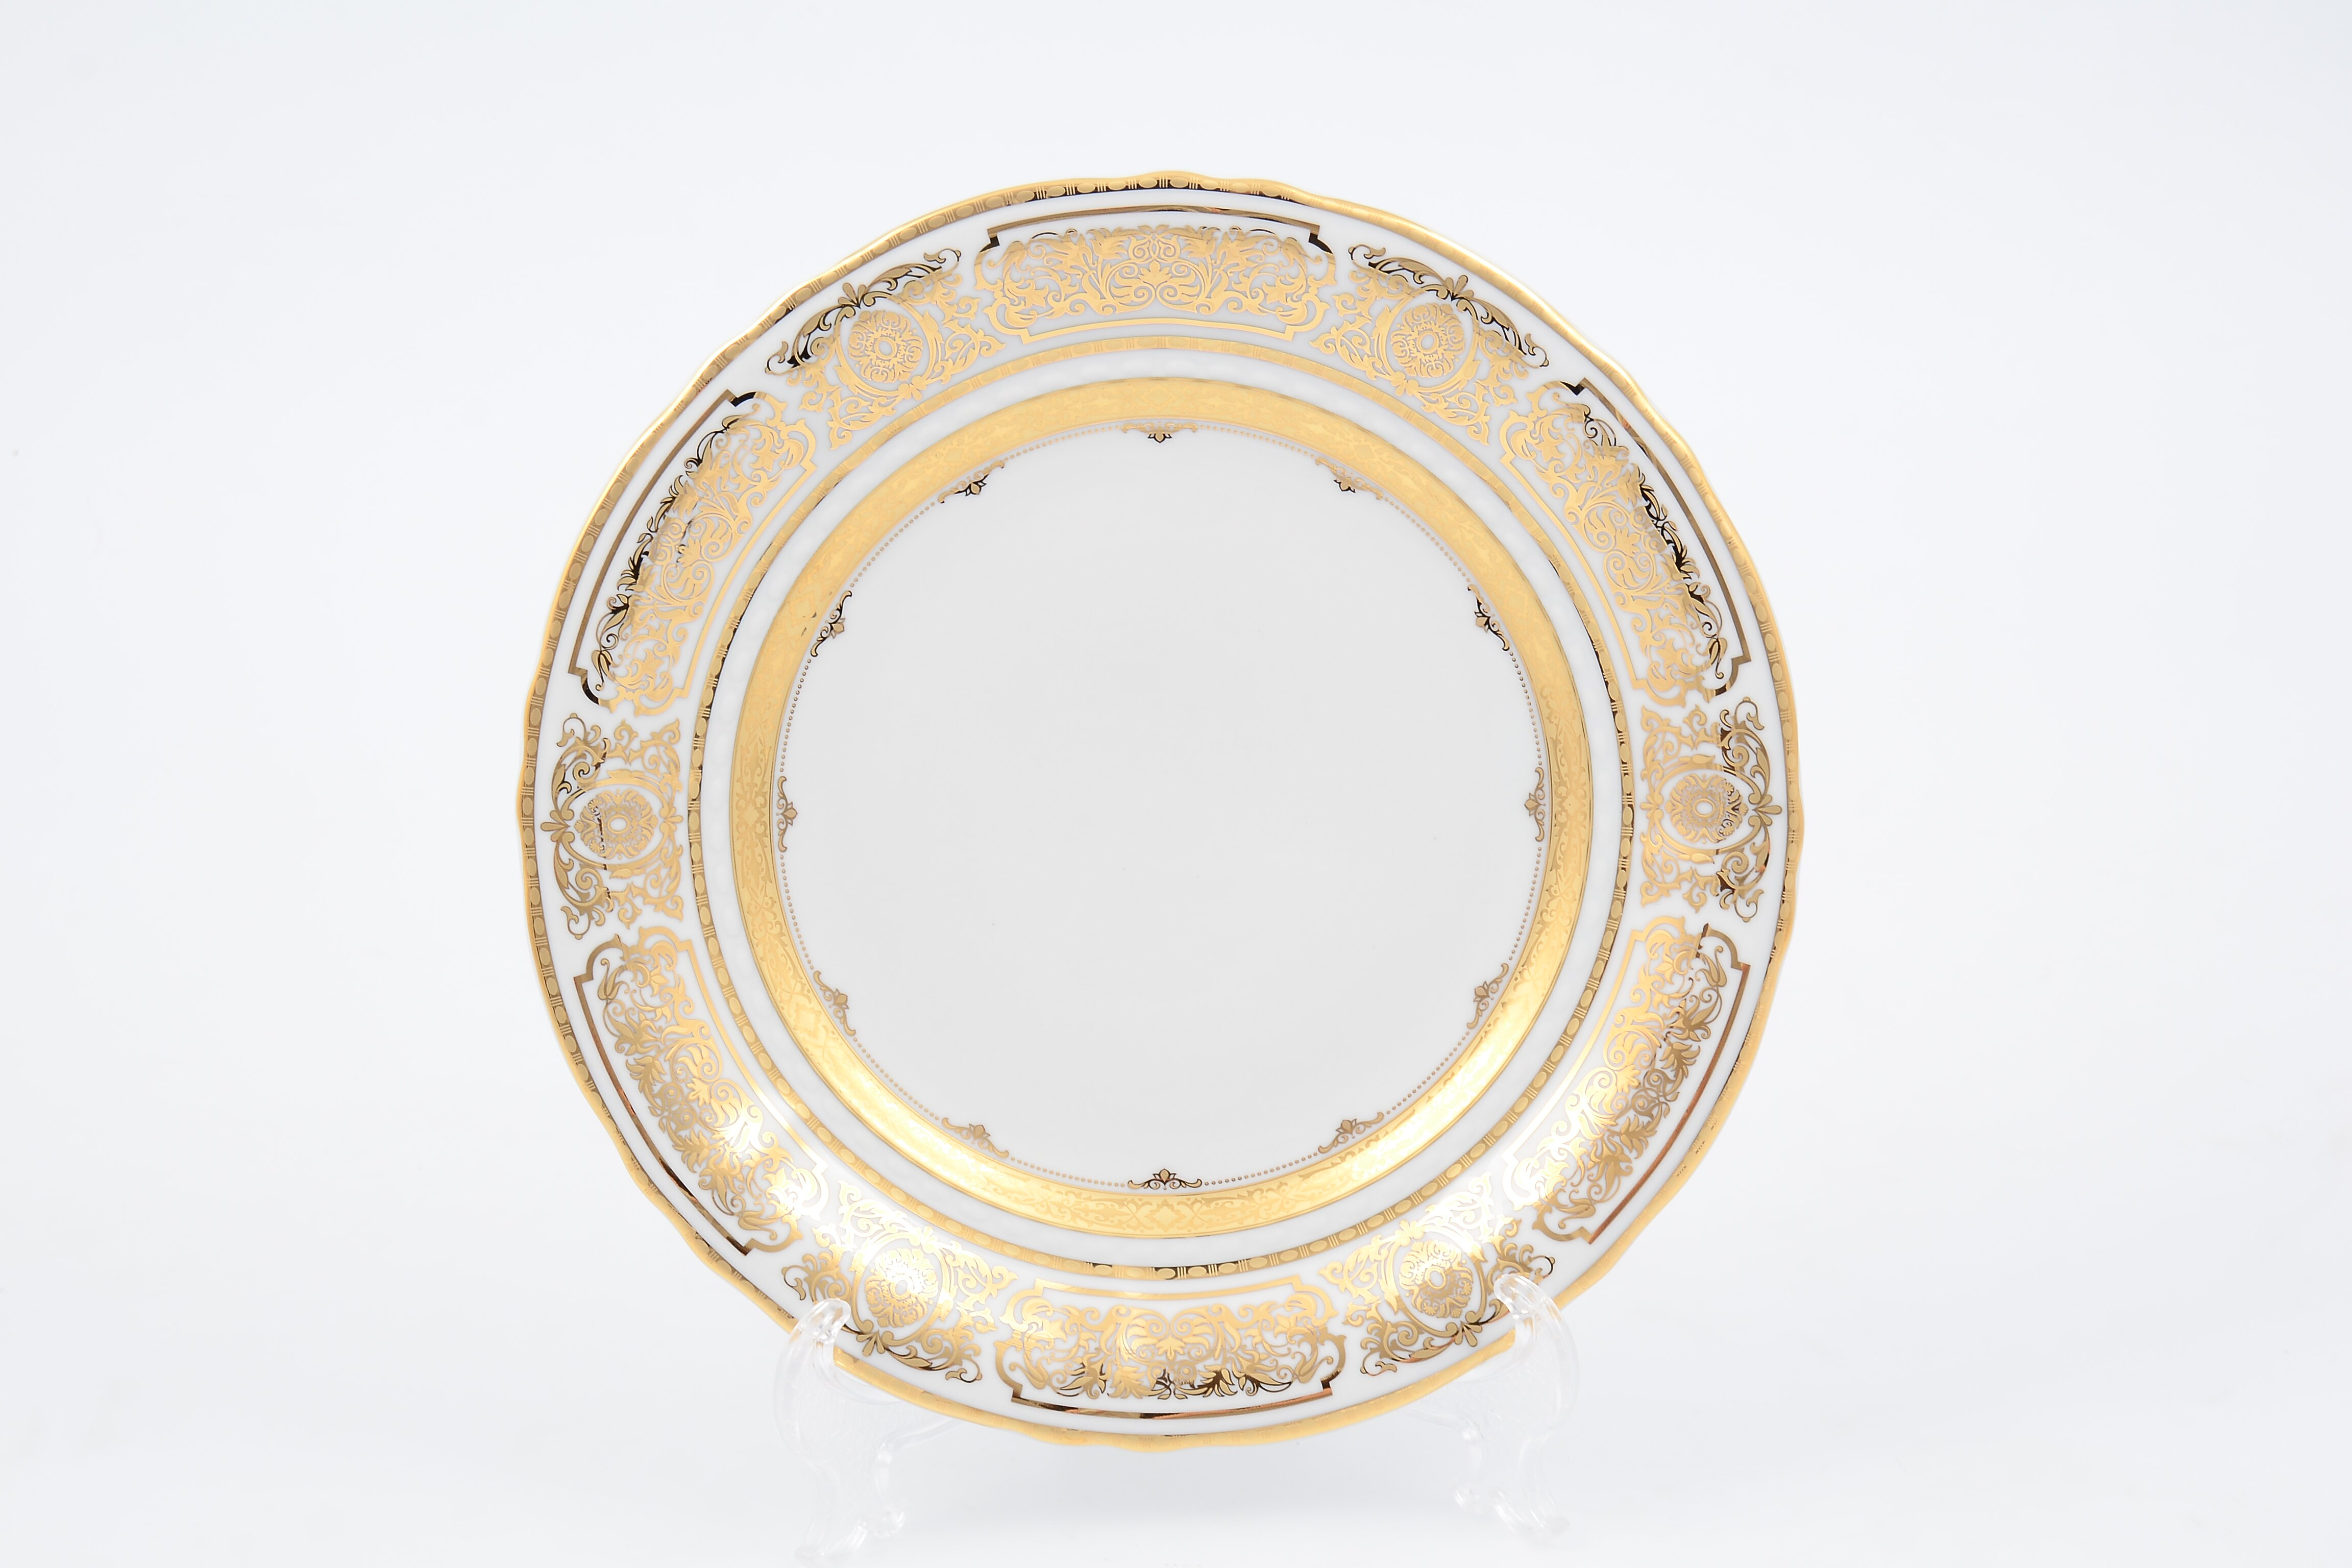 Набор фарфоровых тарелок 25 см от Leander (Чехия)